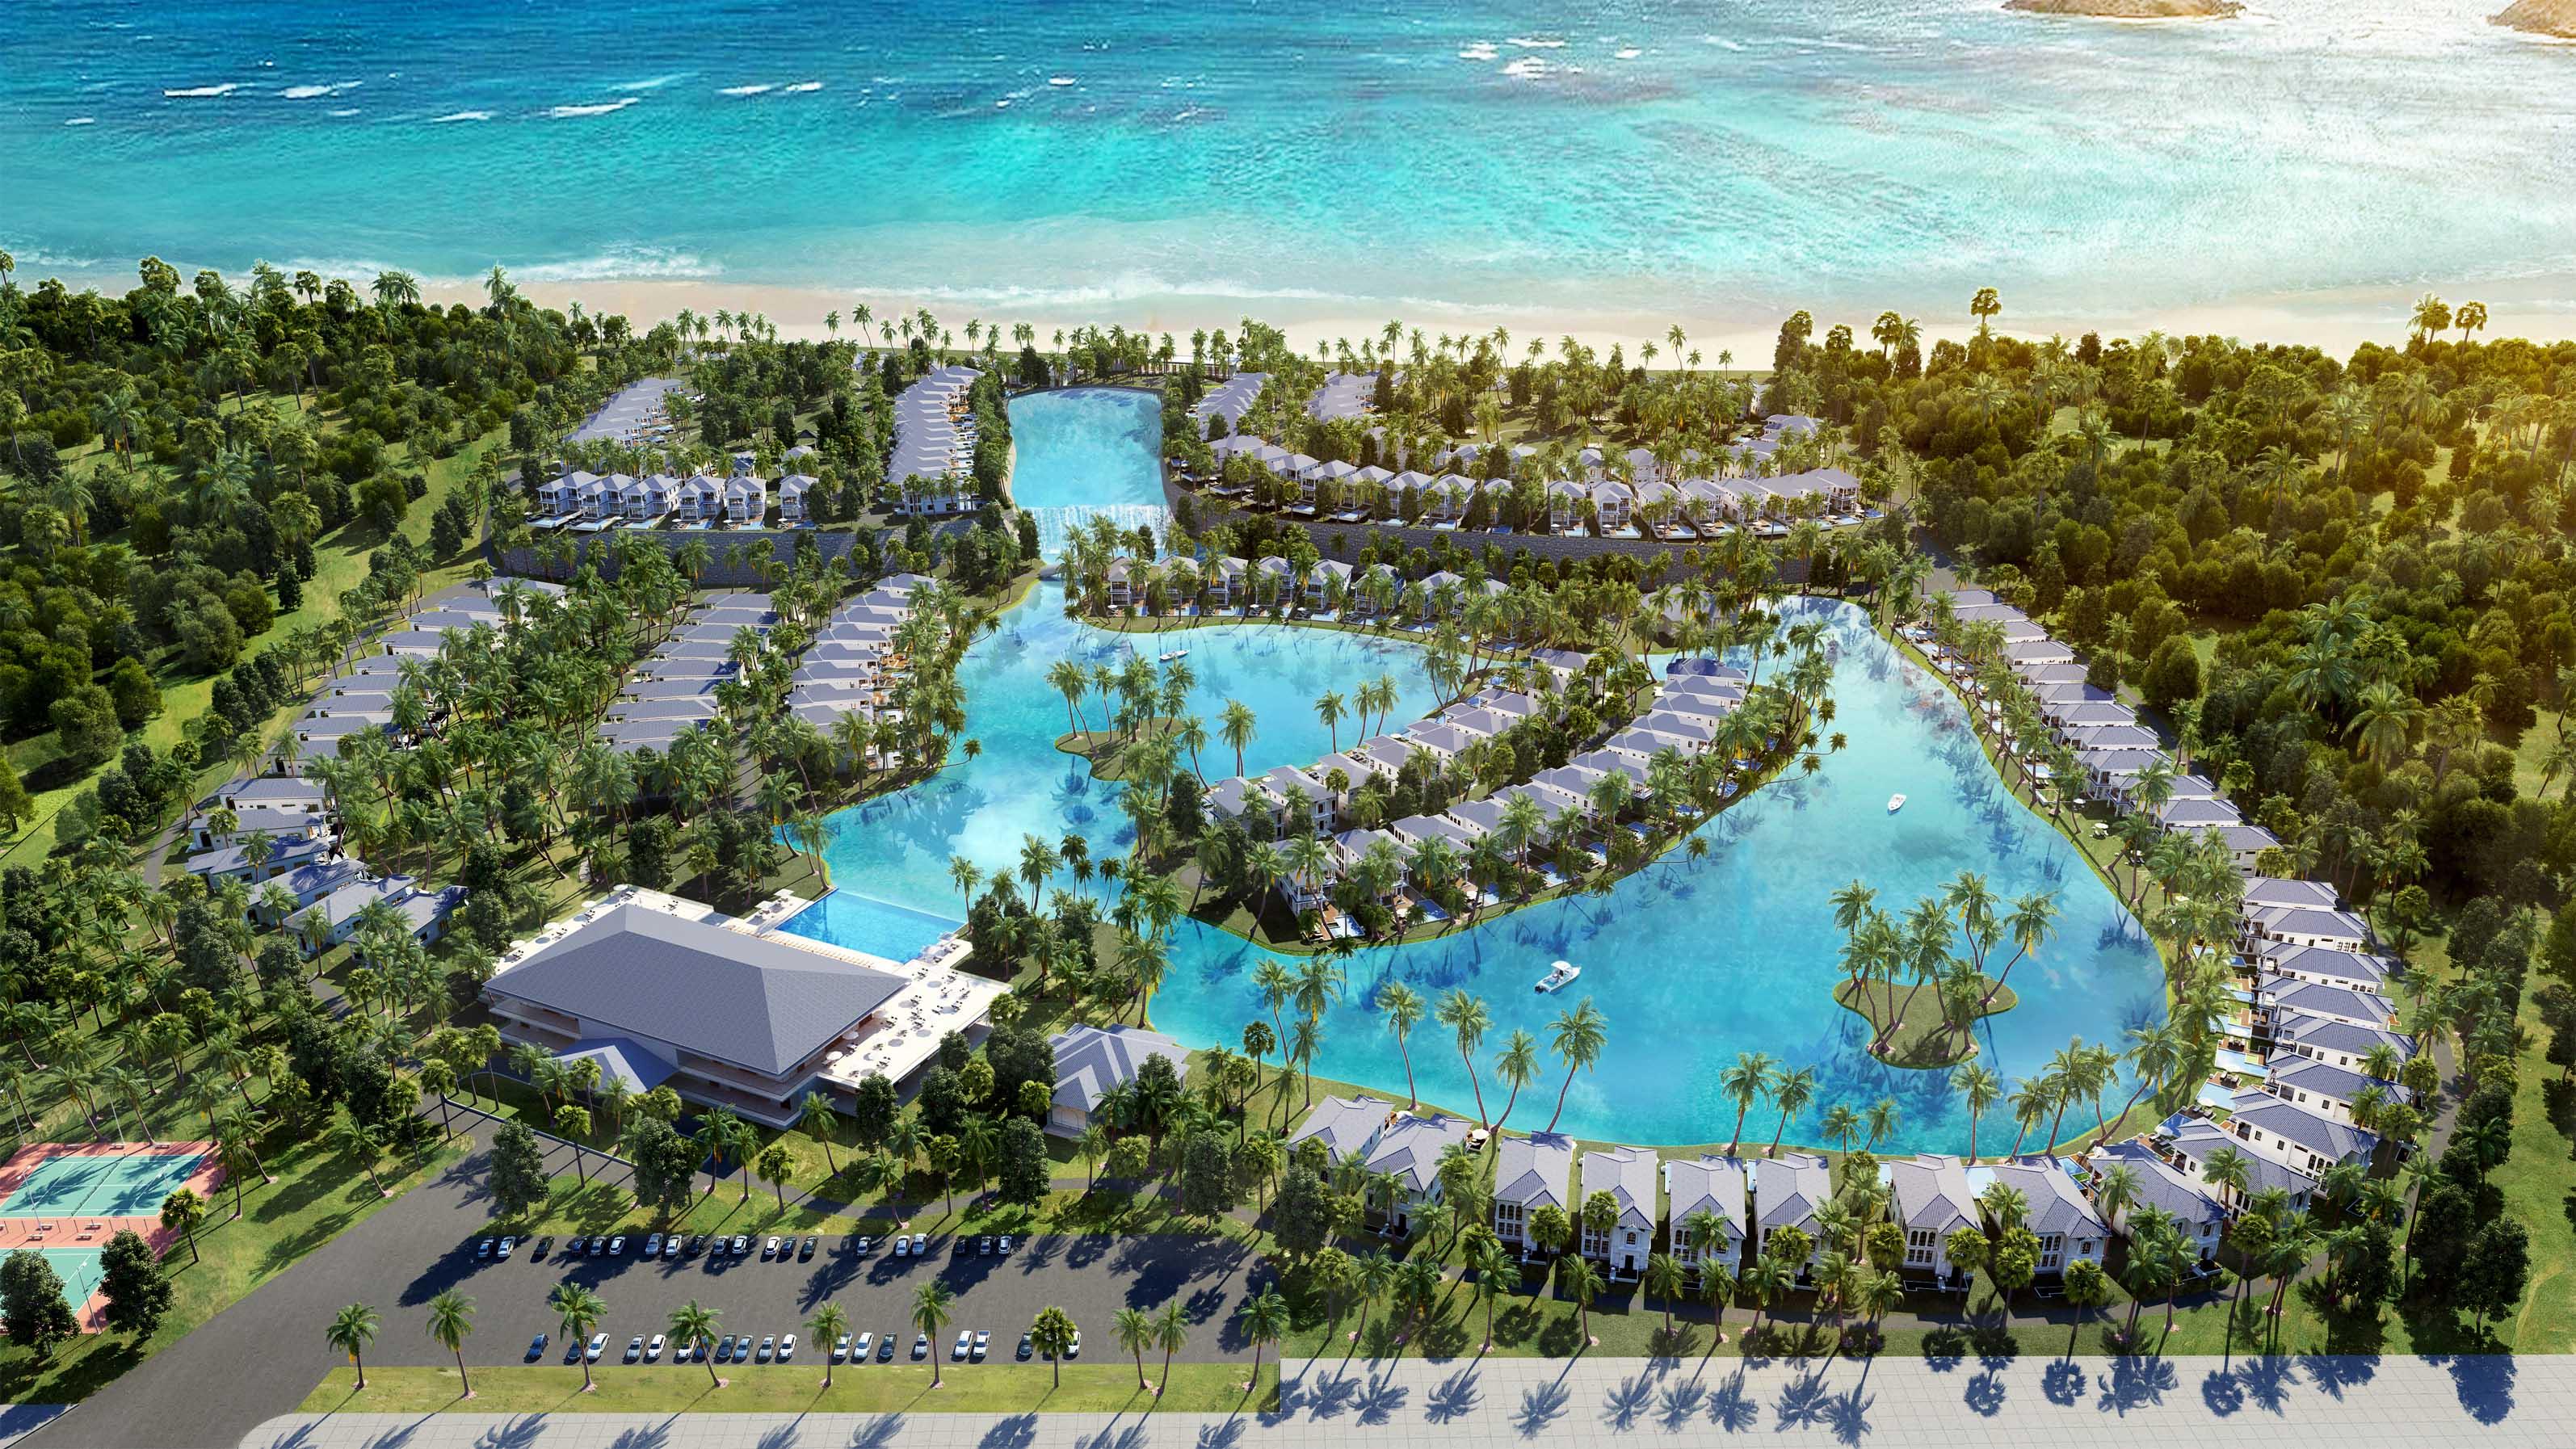 Mặt bằng dự án Vinpearl Bãi Dài Cam Ranh - Khánh Hòa